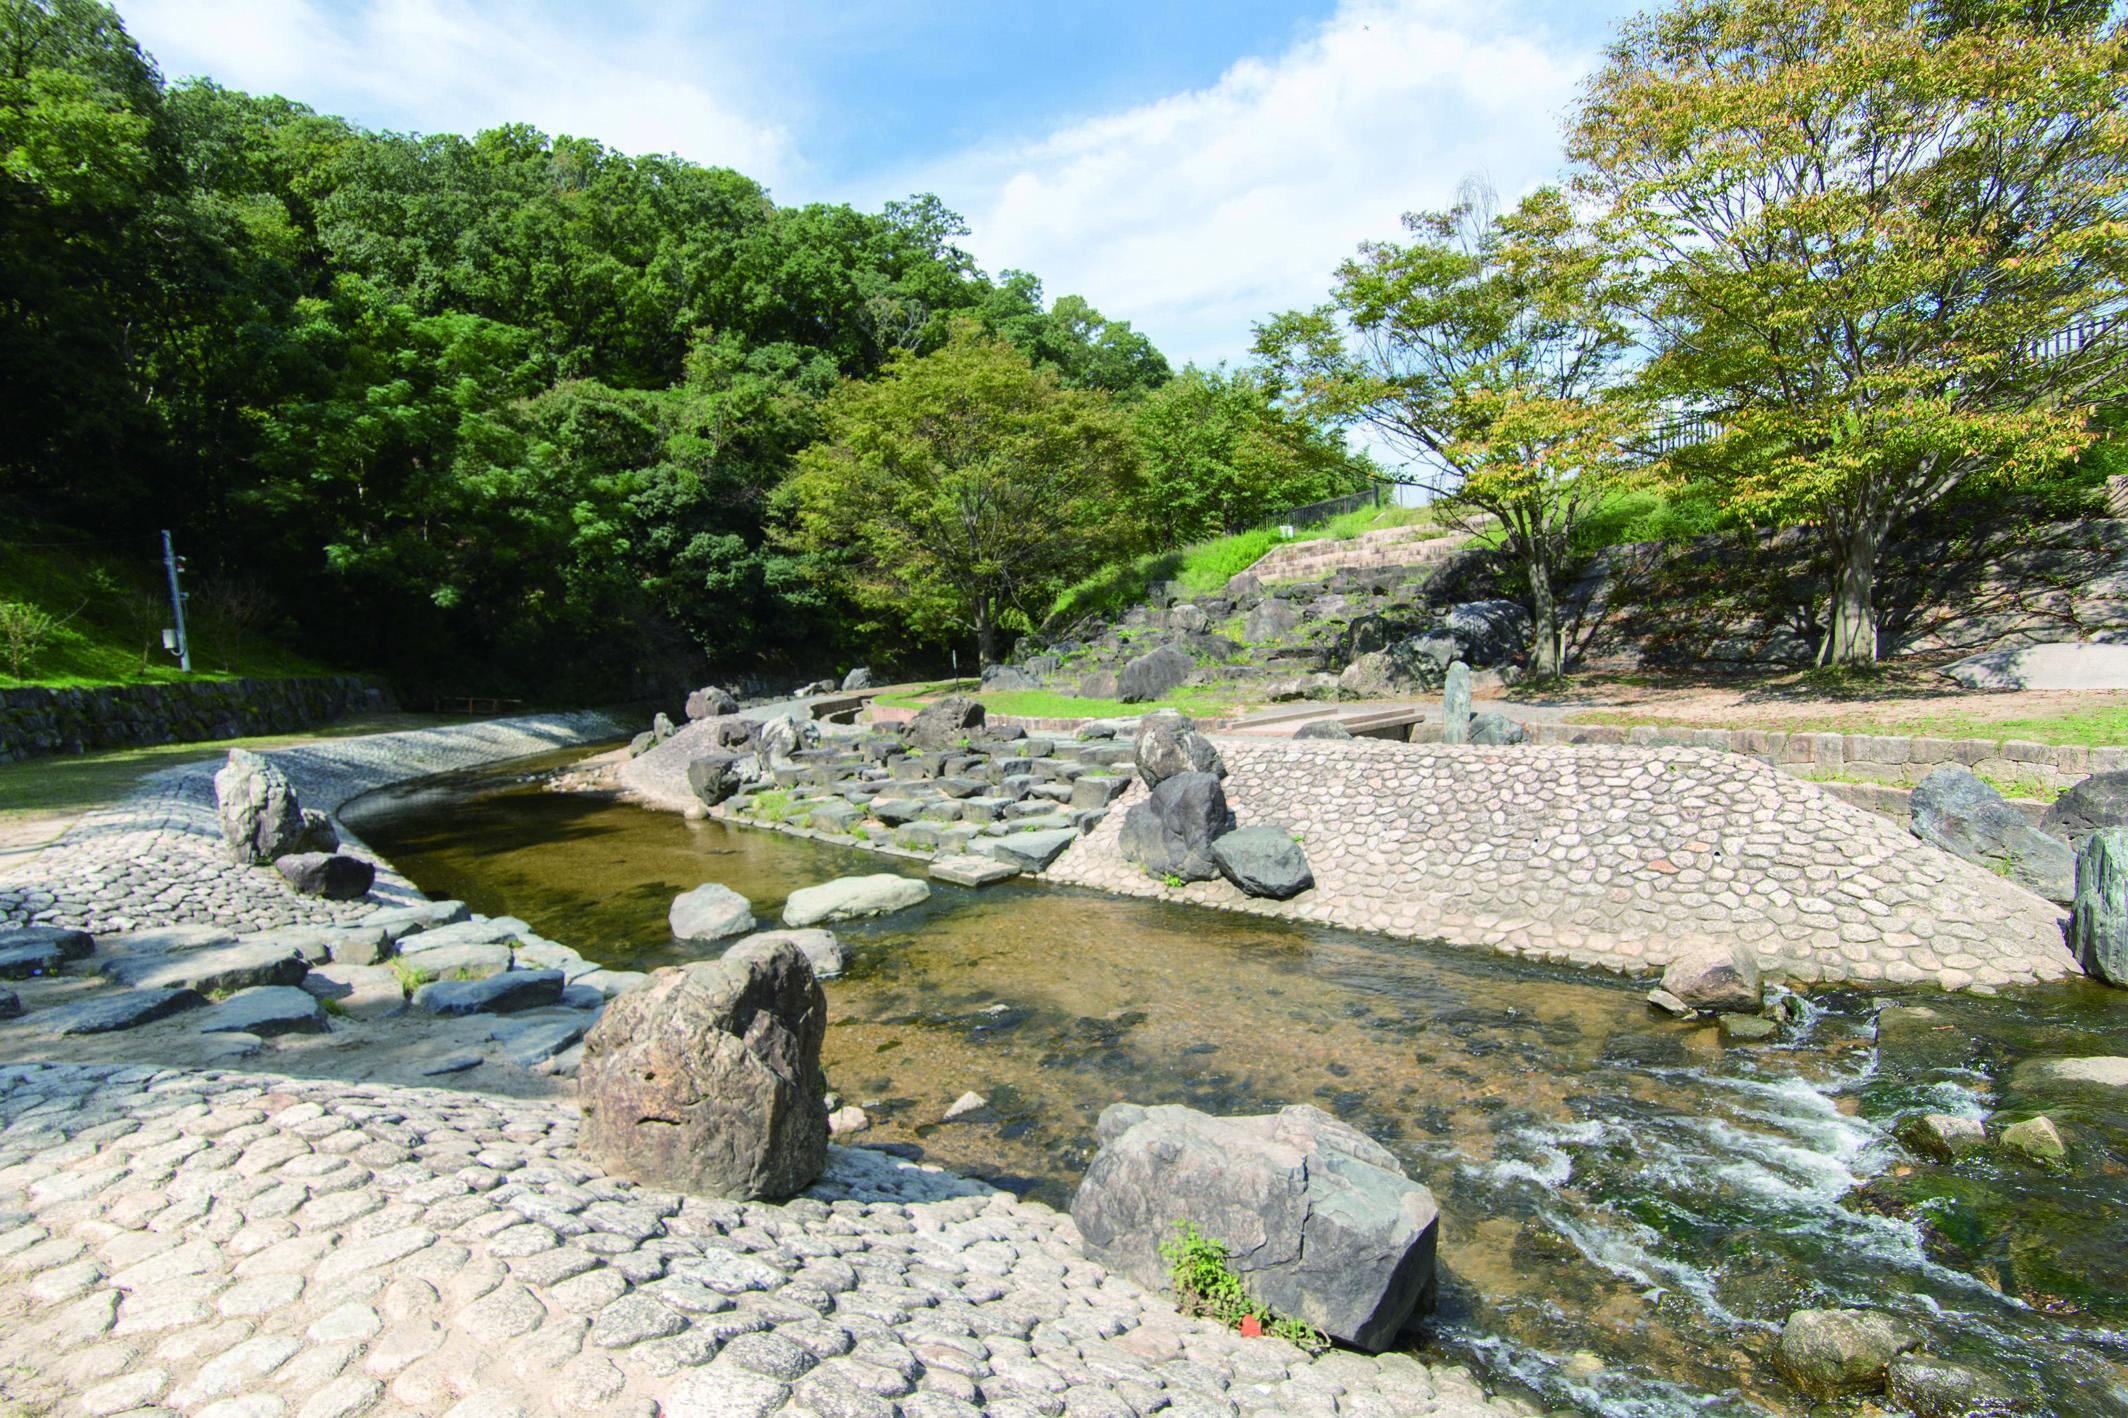 水遊びを楽しむ事ができる水辺プラザが徒歩14分です。